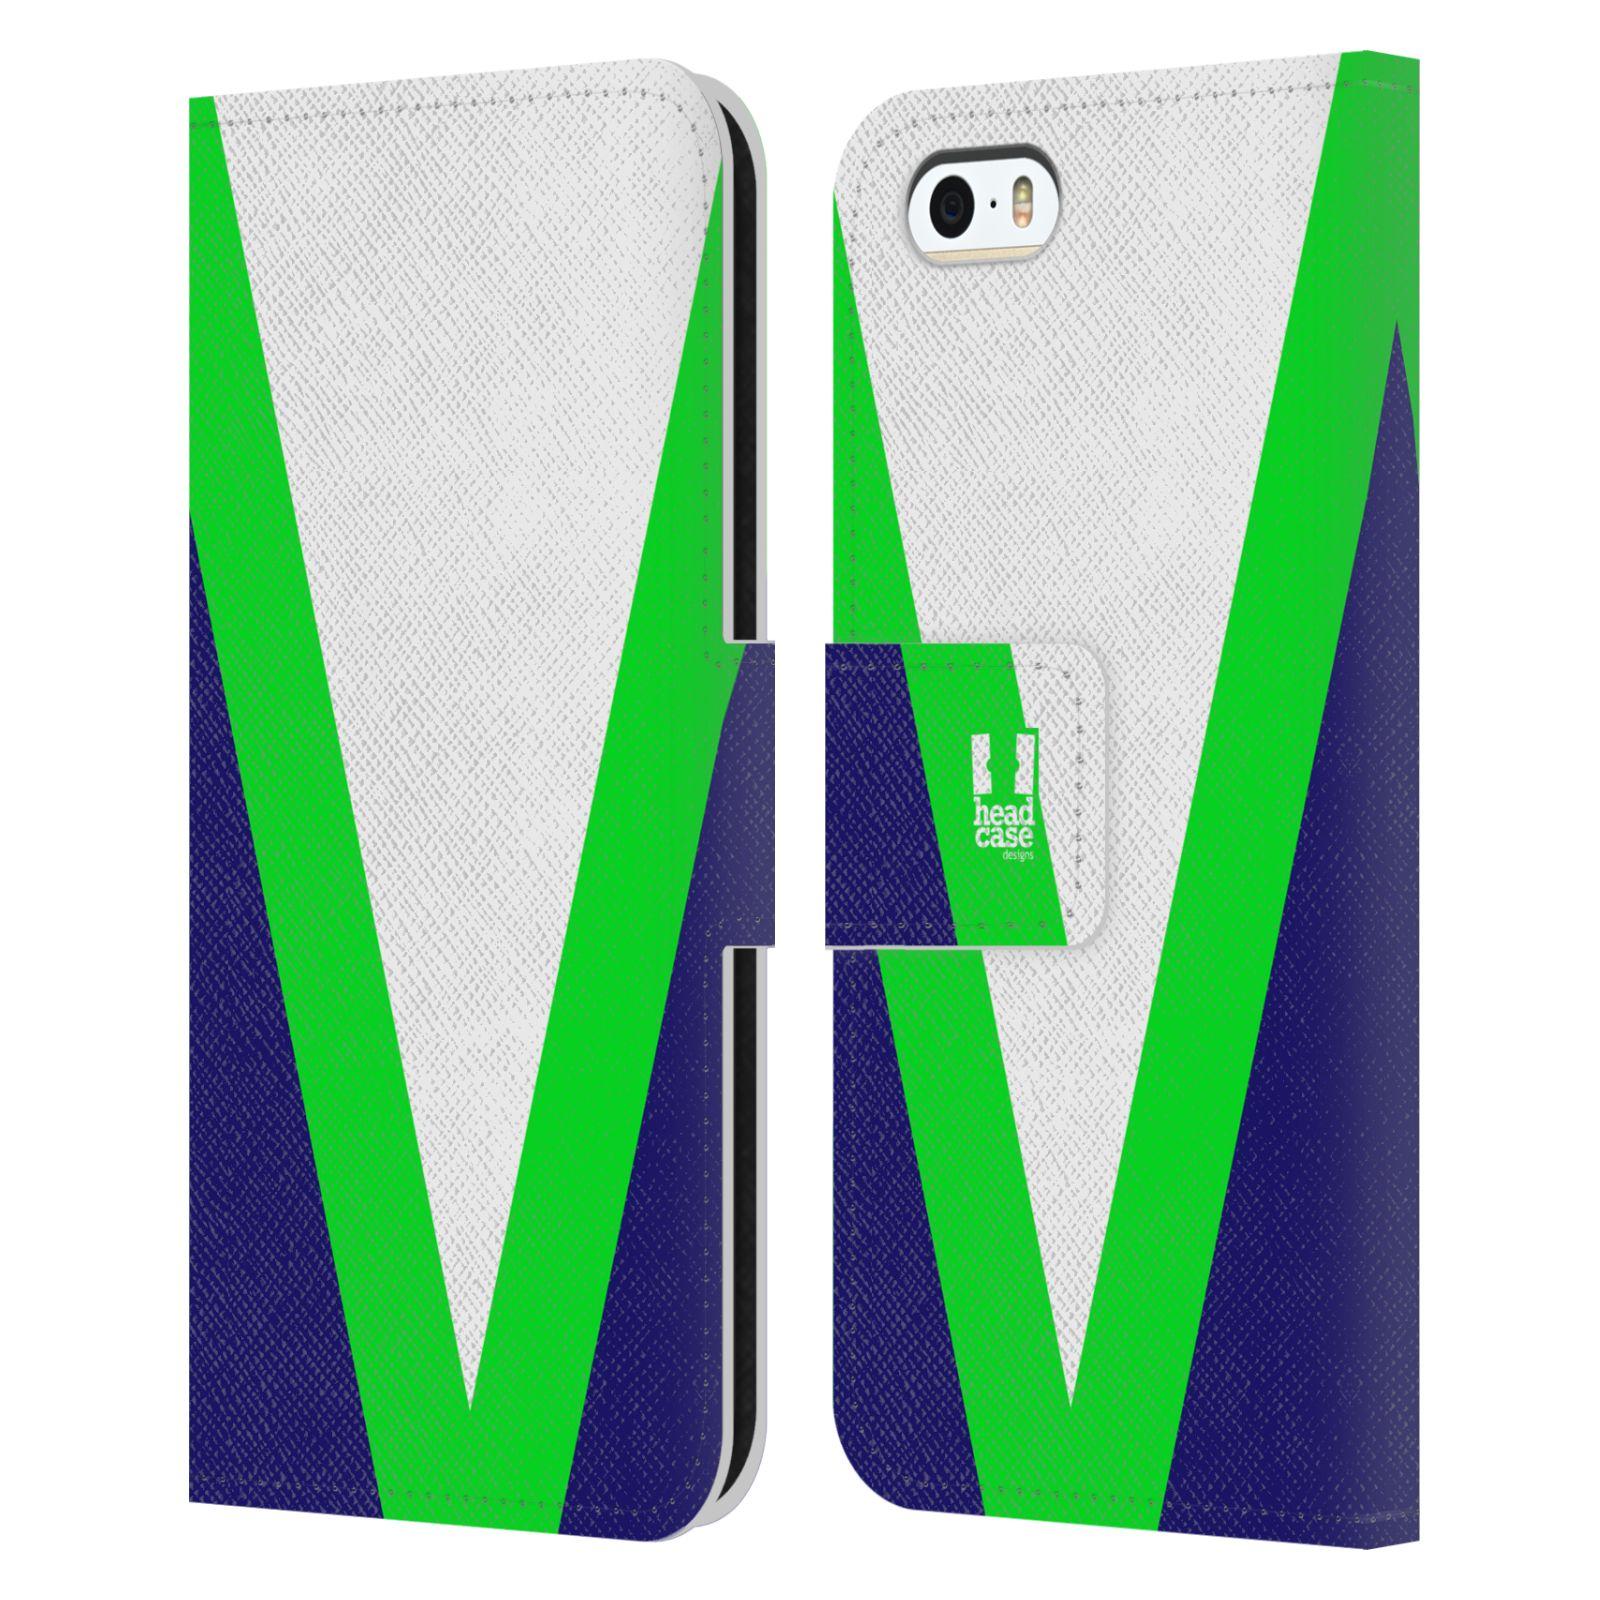 HEAD CASE Flipové pouzdro pro mobil Apple Iphone 5/5S barevné tvary zelená a modrá